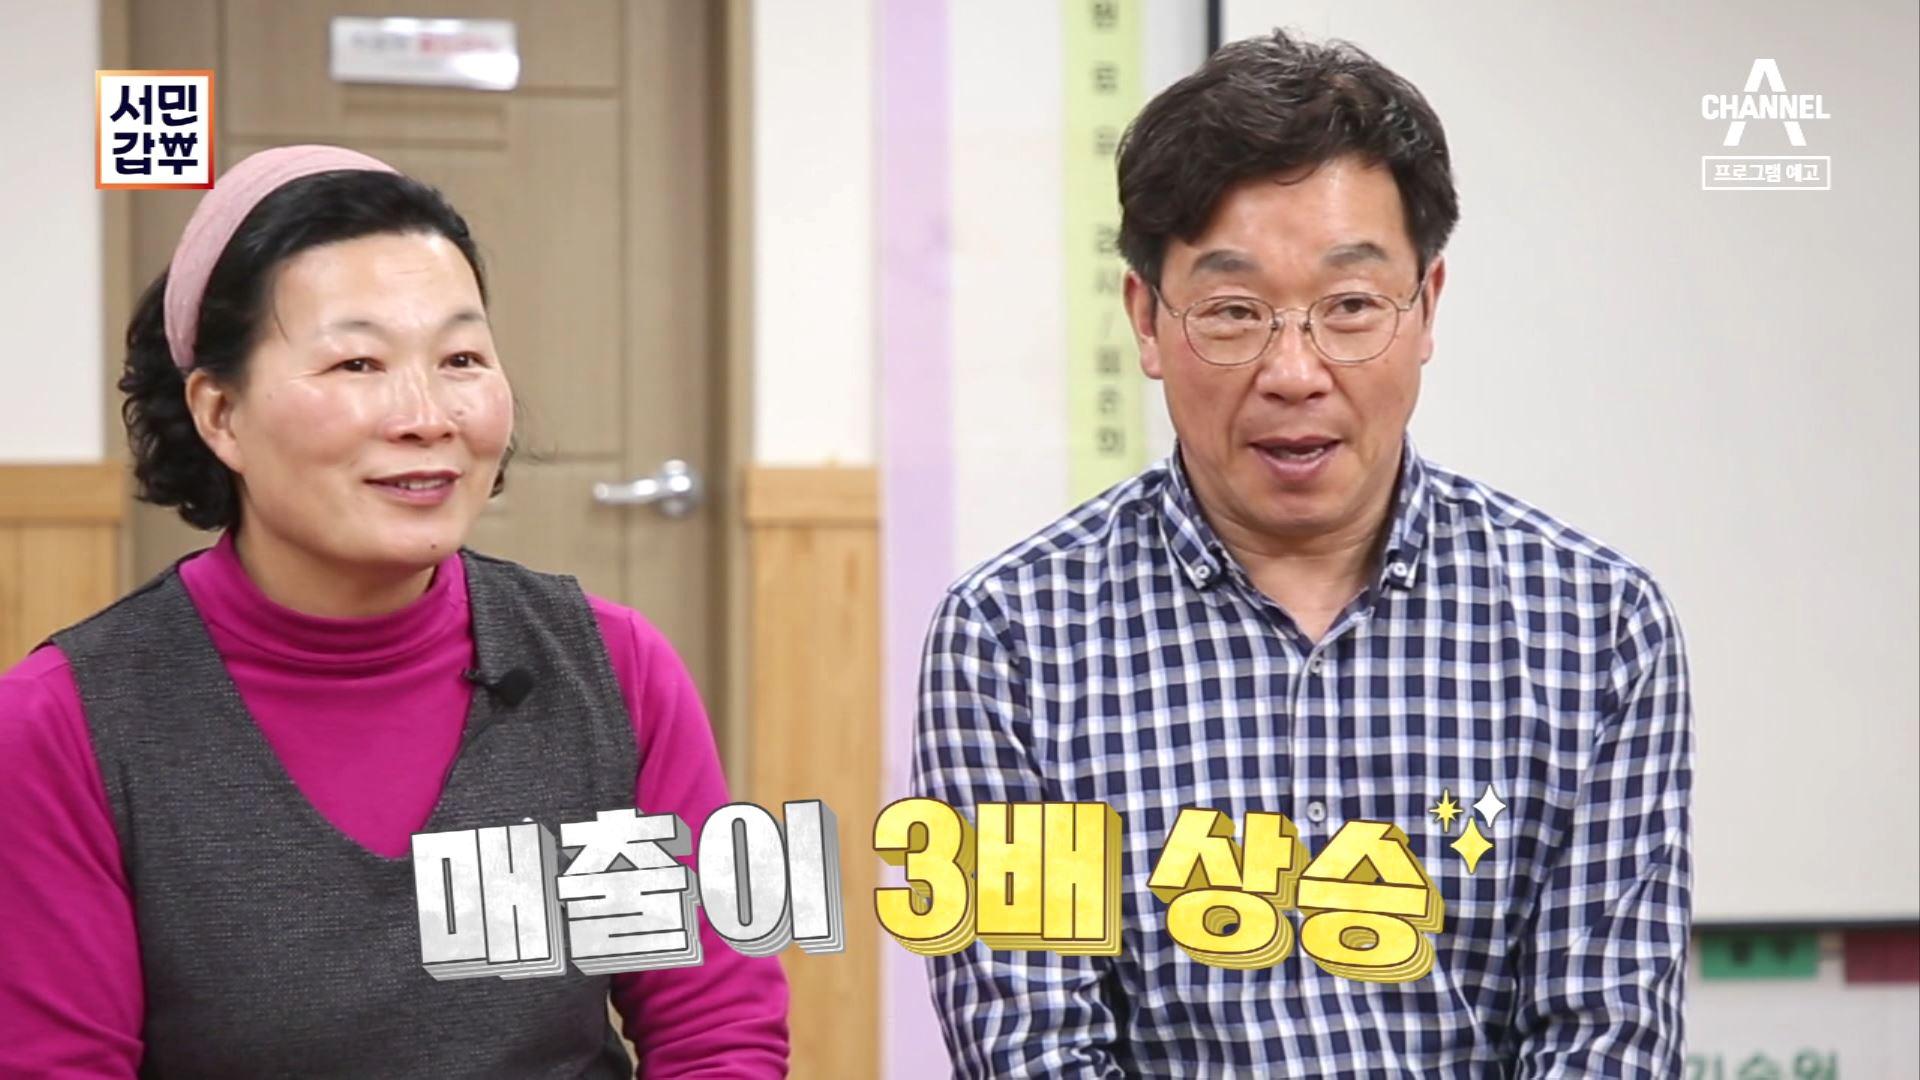 [예고] 갑.분.'소'민갑부(?) 매출이 3배 상승!?....